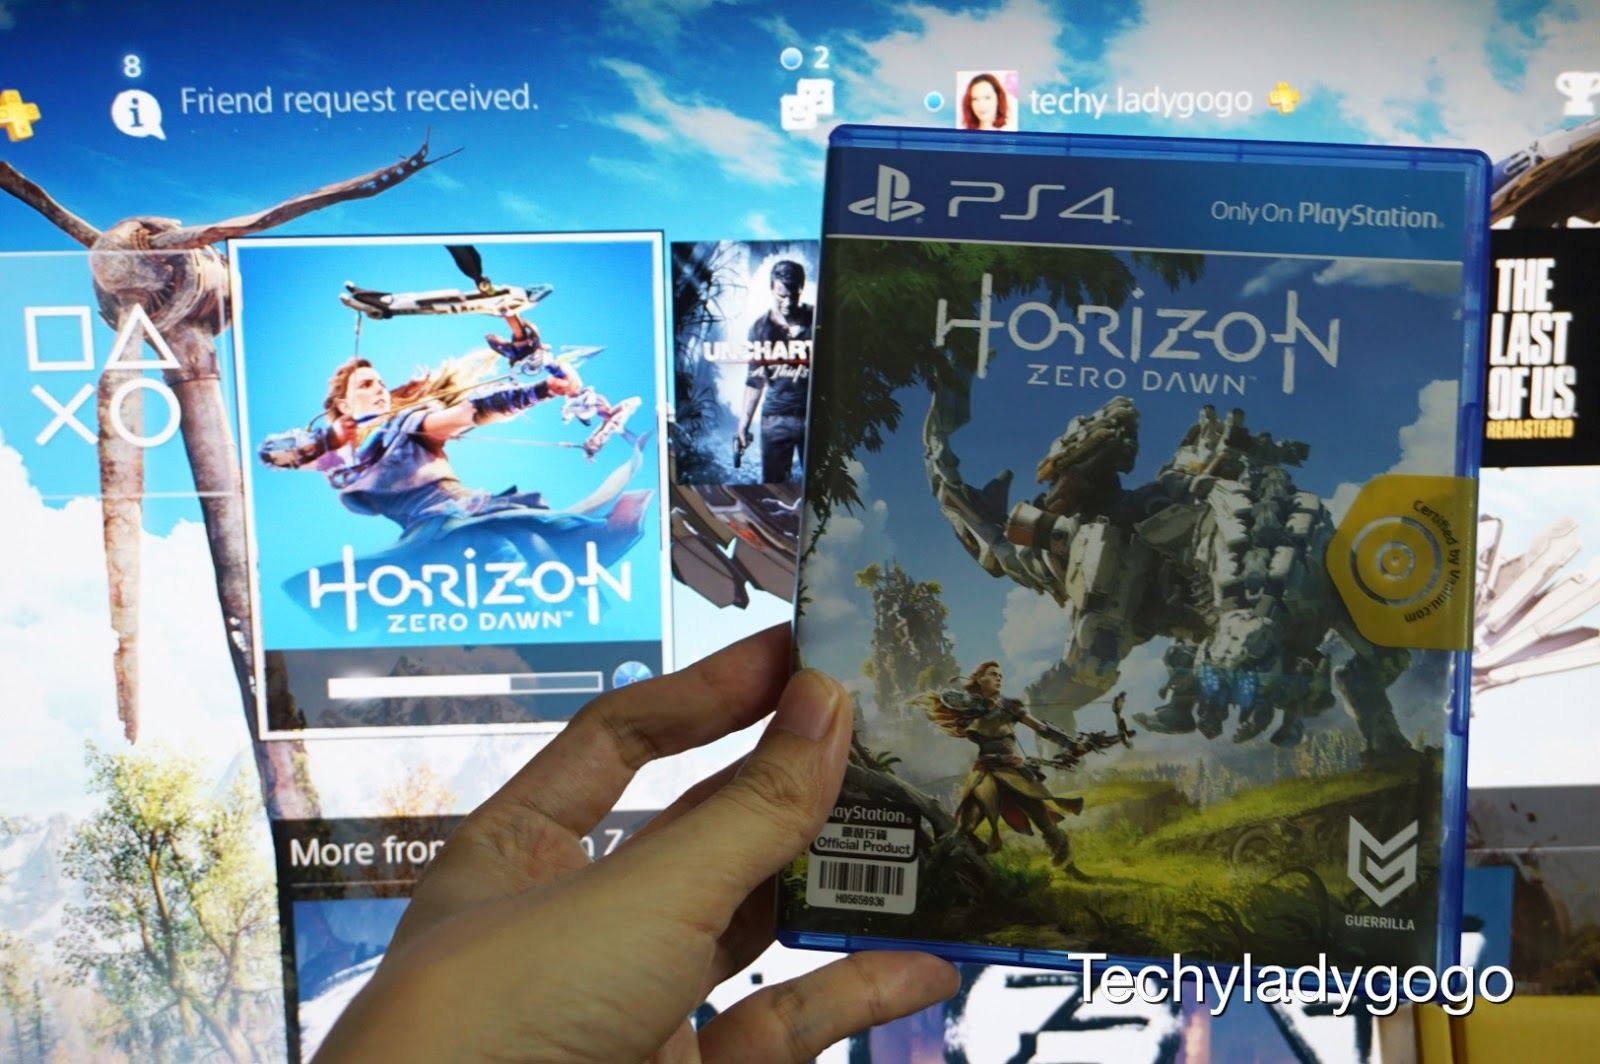 รีวิว แกะกล่อง horizon zero dawn สั่งแผ่นเกมมือสอง จากเว็บ VaaLuu.com gameXchange